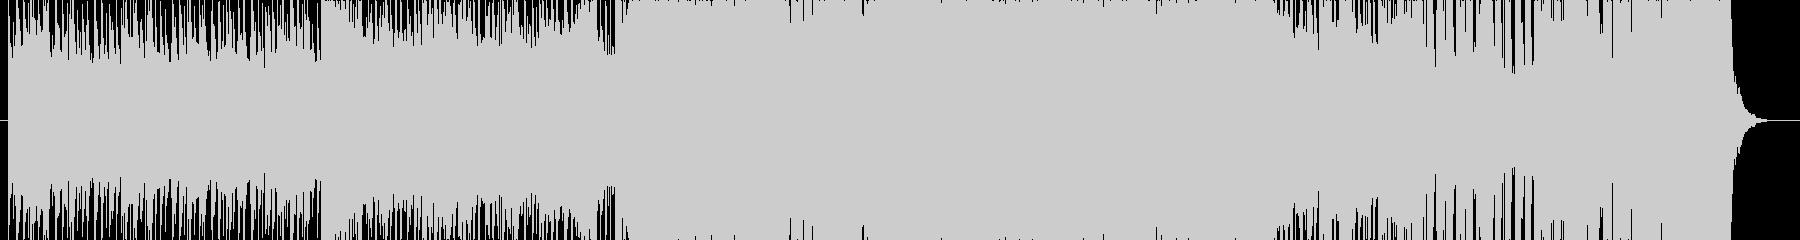 アップテンポな和楽器BGMの未再生の波形